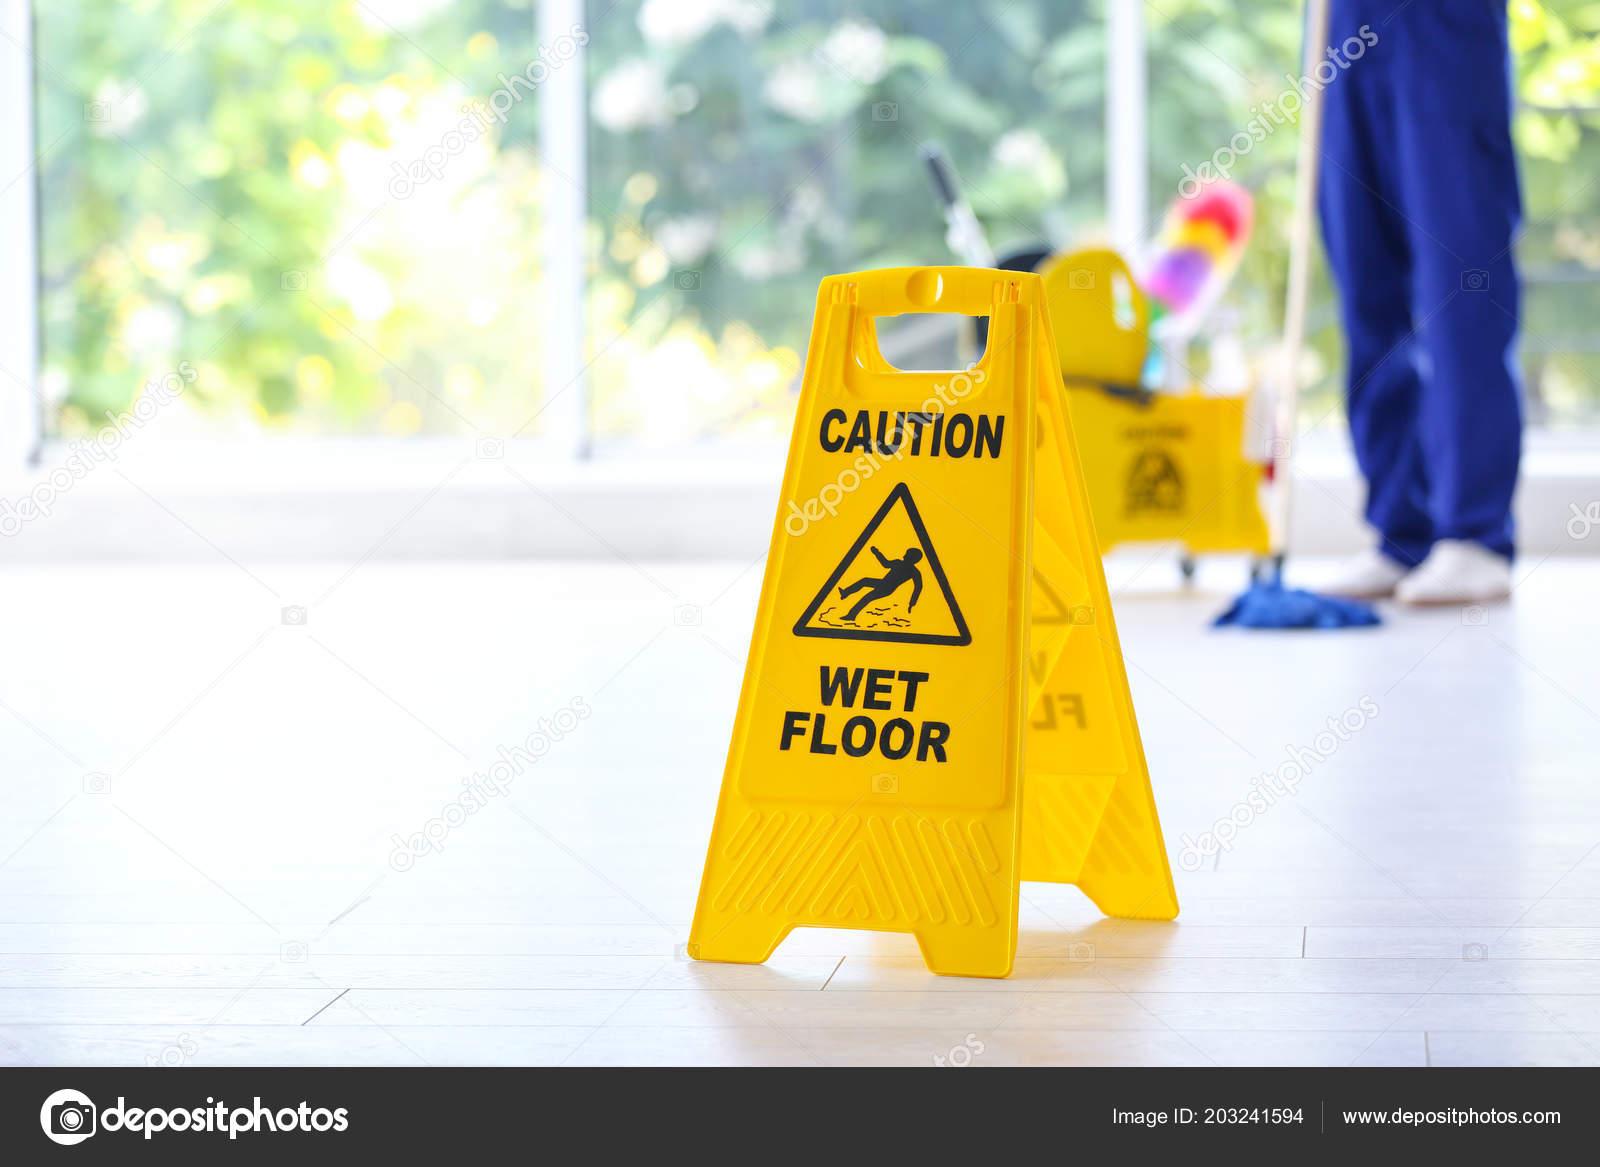 Segno sicurezza con frase attenzione pavimento bagnato detergente